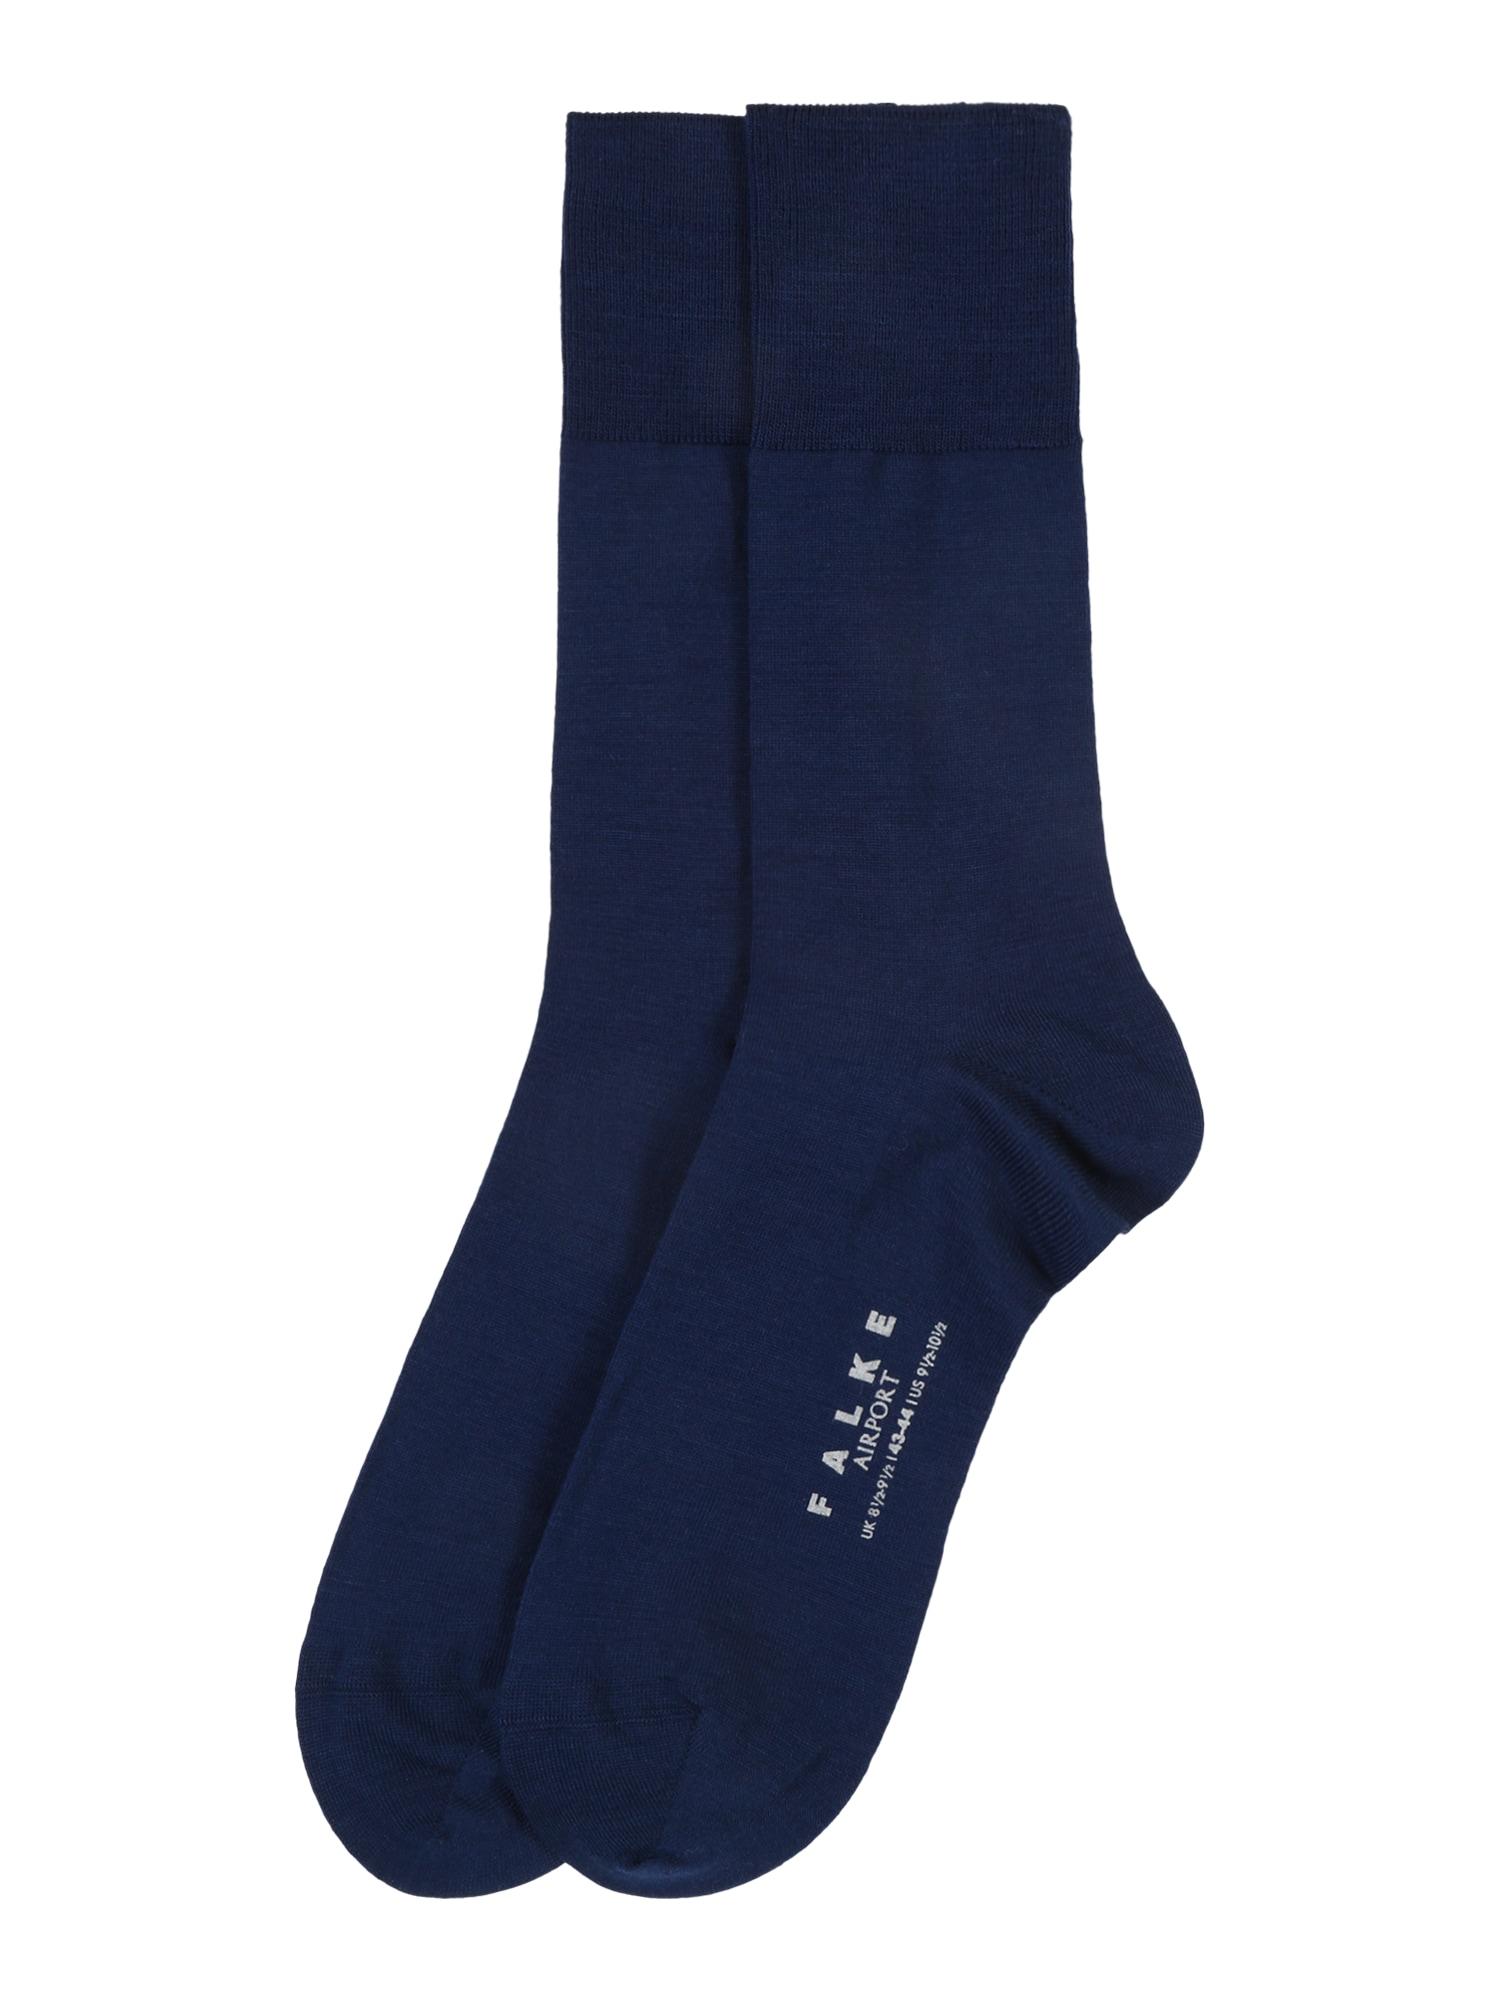 Ponožky Airport námořnická modř FALKE